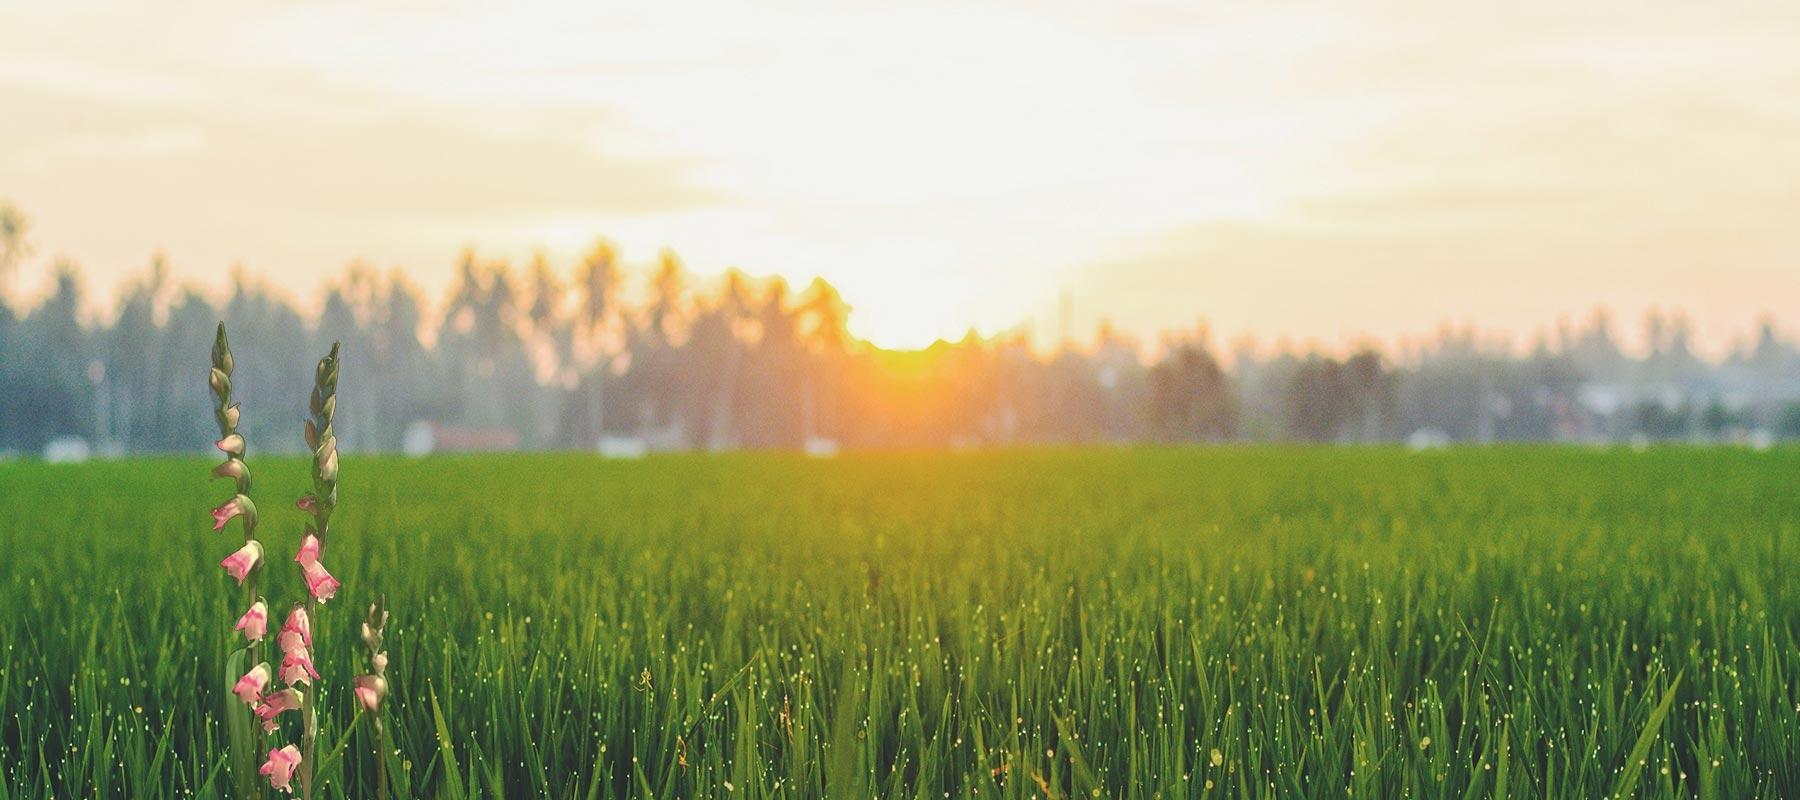 翠綠綬草守護健康肌膚